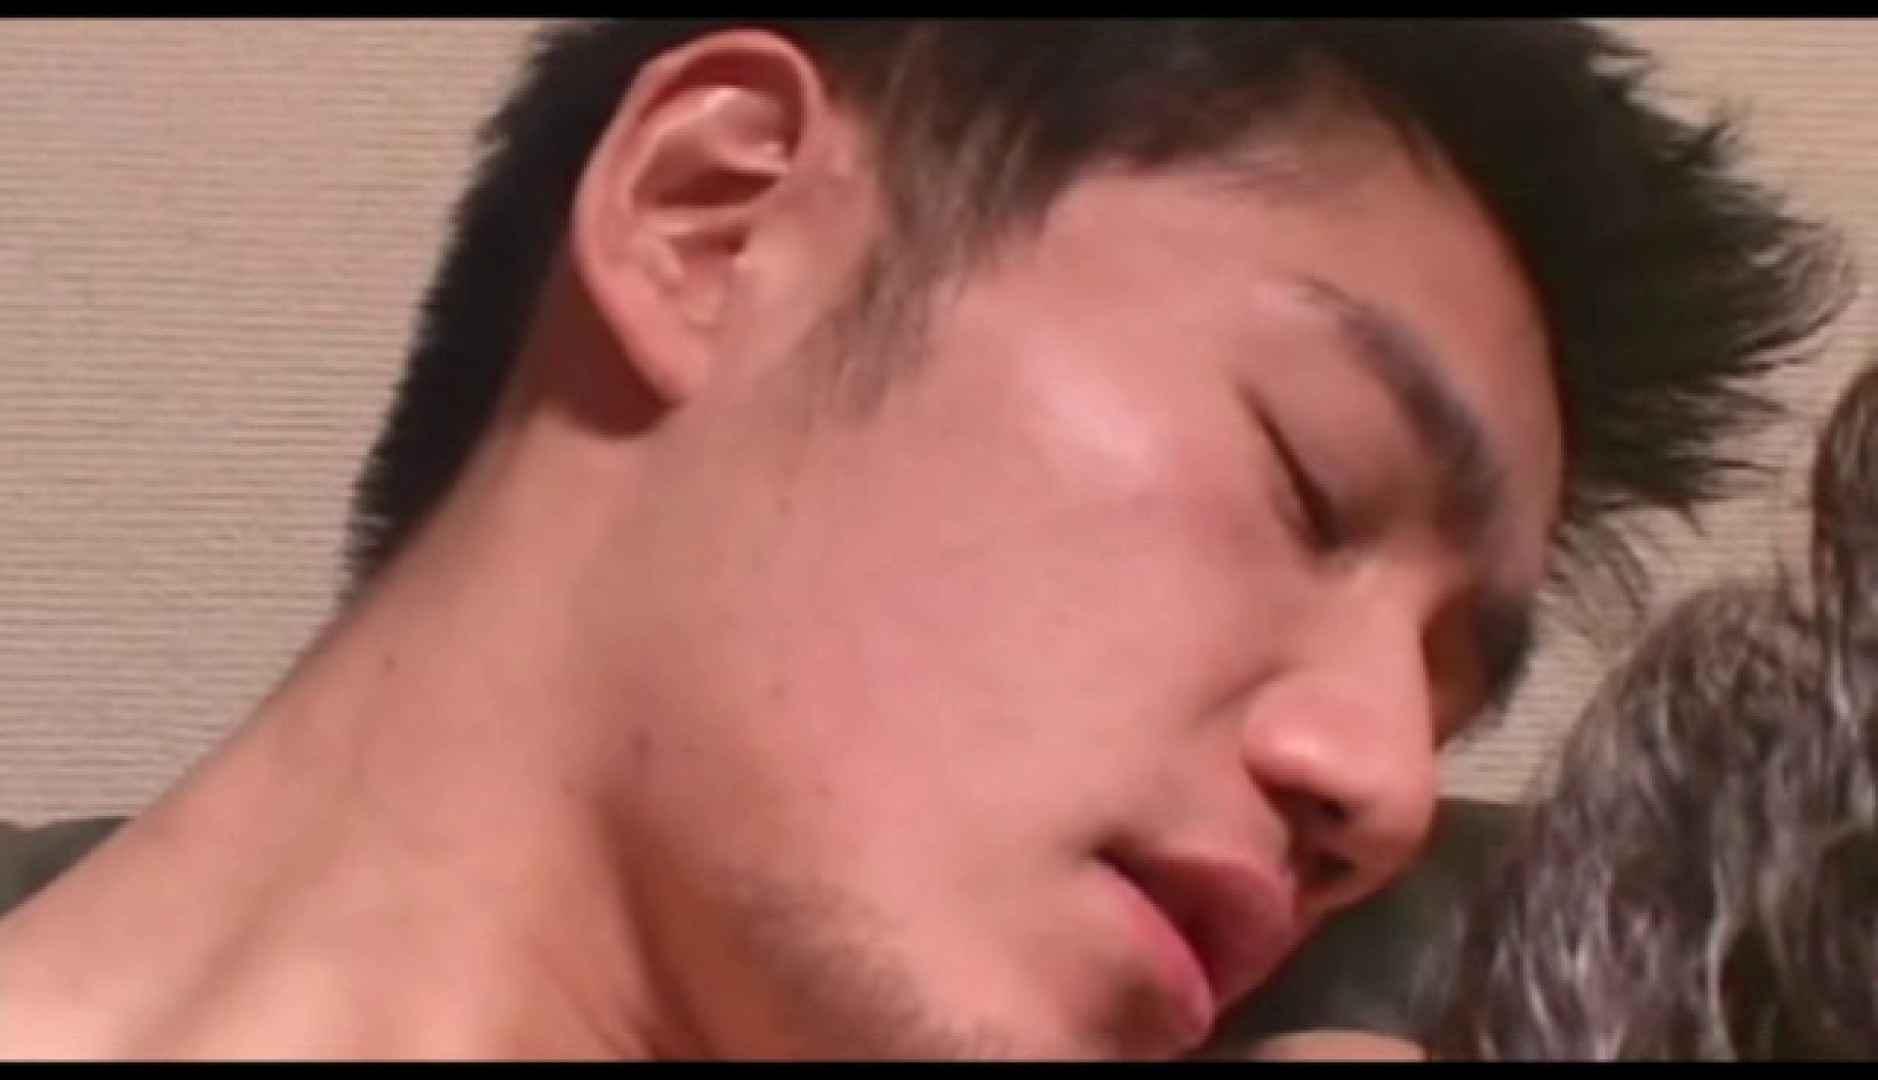 イケメンダブルス!Vol.02 フェラ天国 ゲイ無修正ビデオ画像 95pic 95